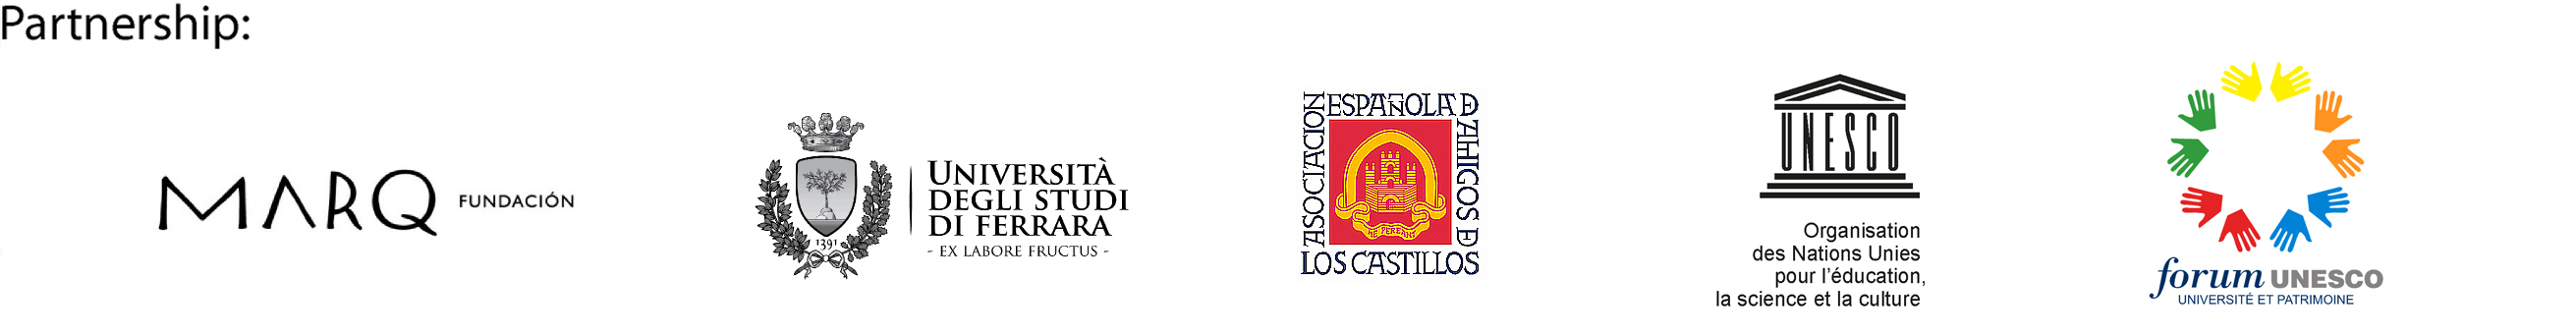 logos partner def1